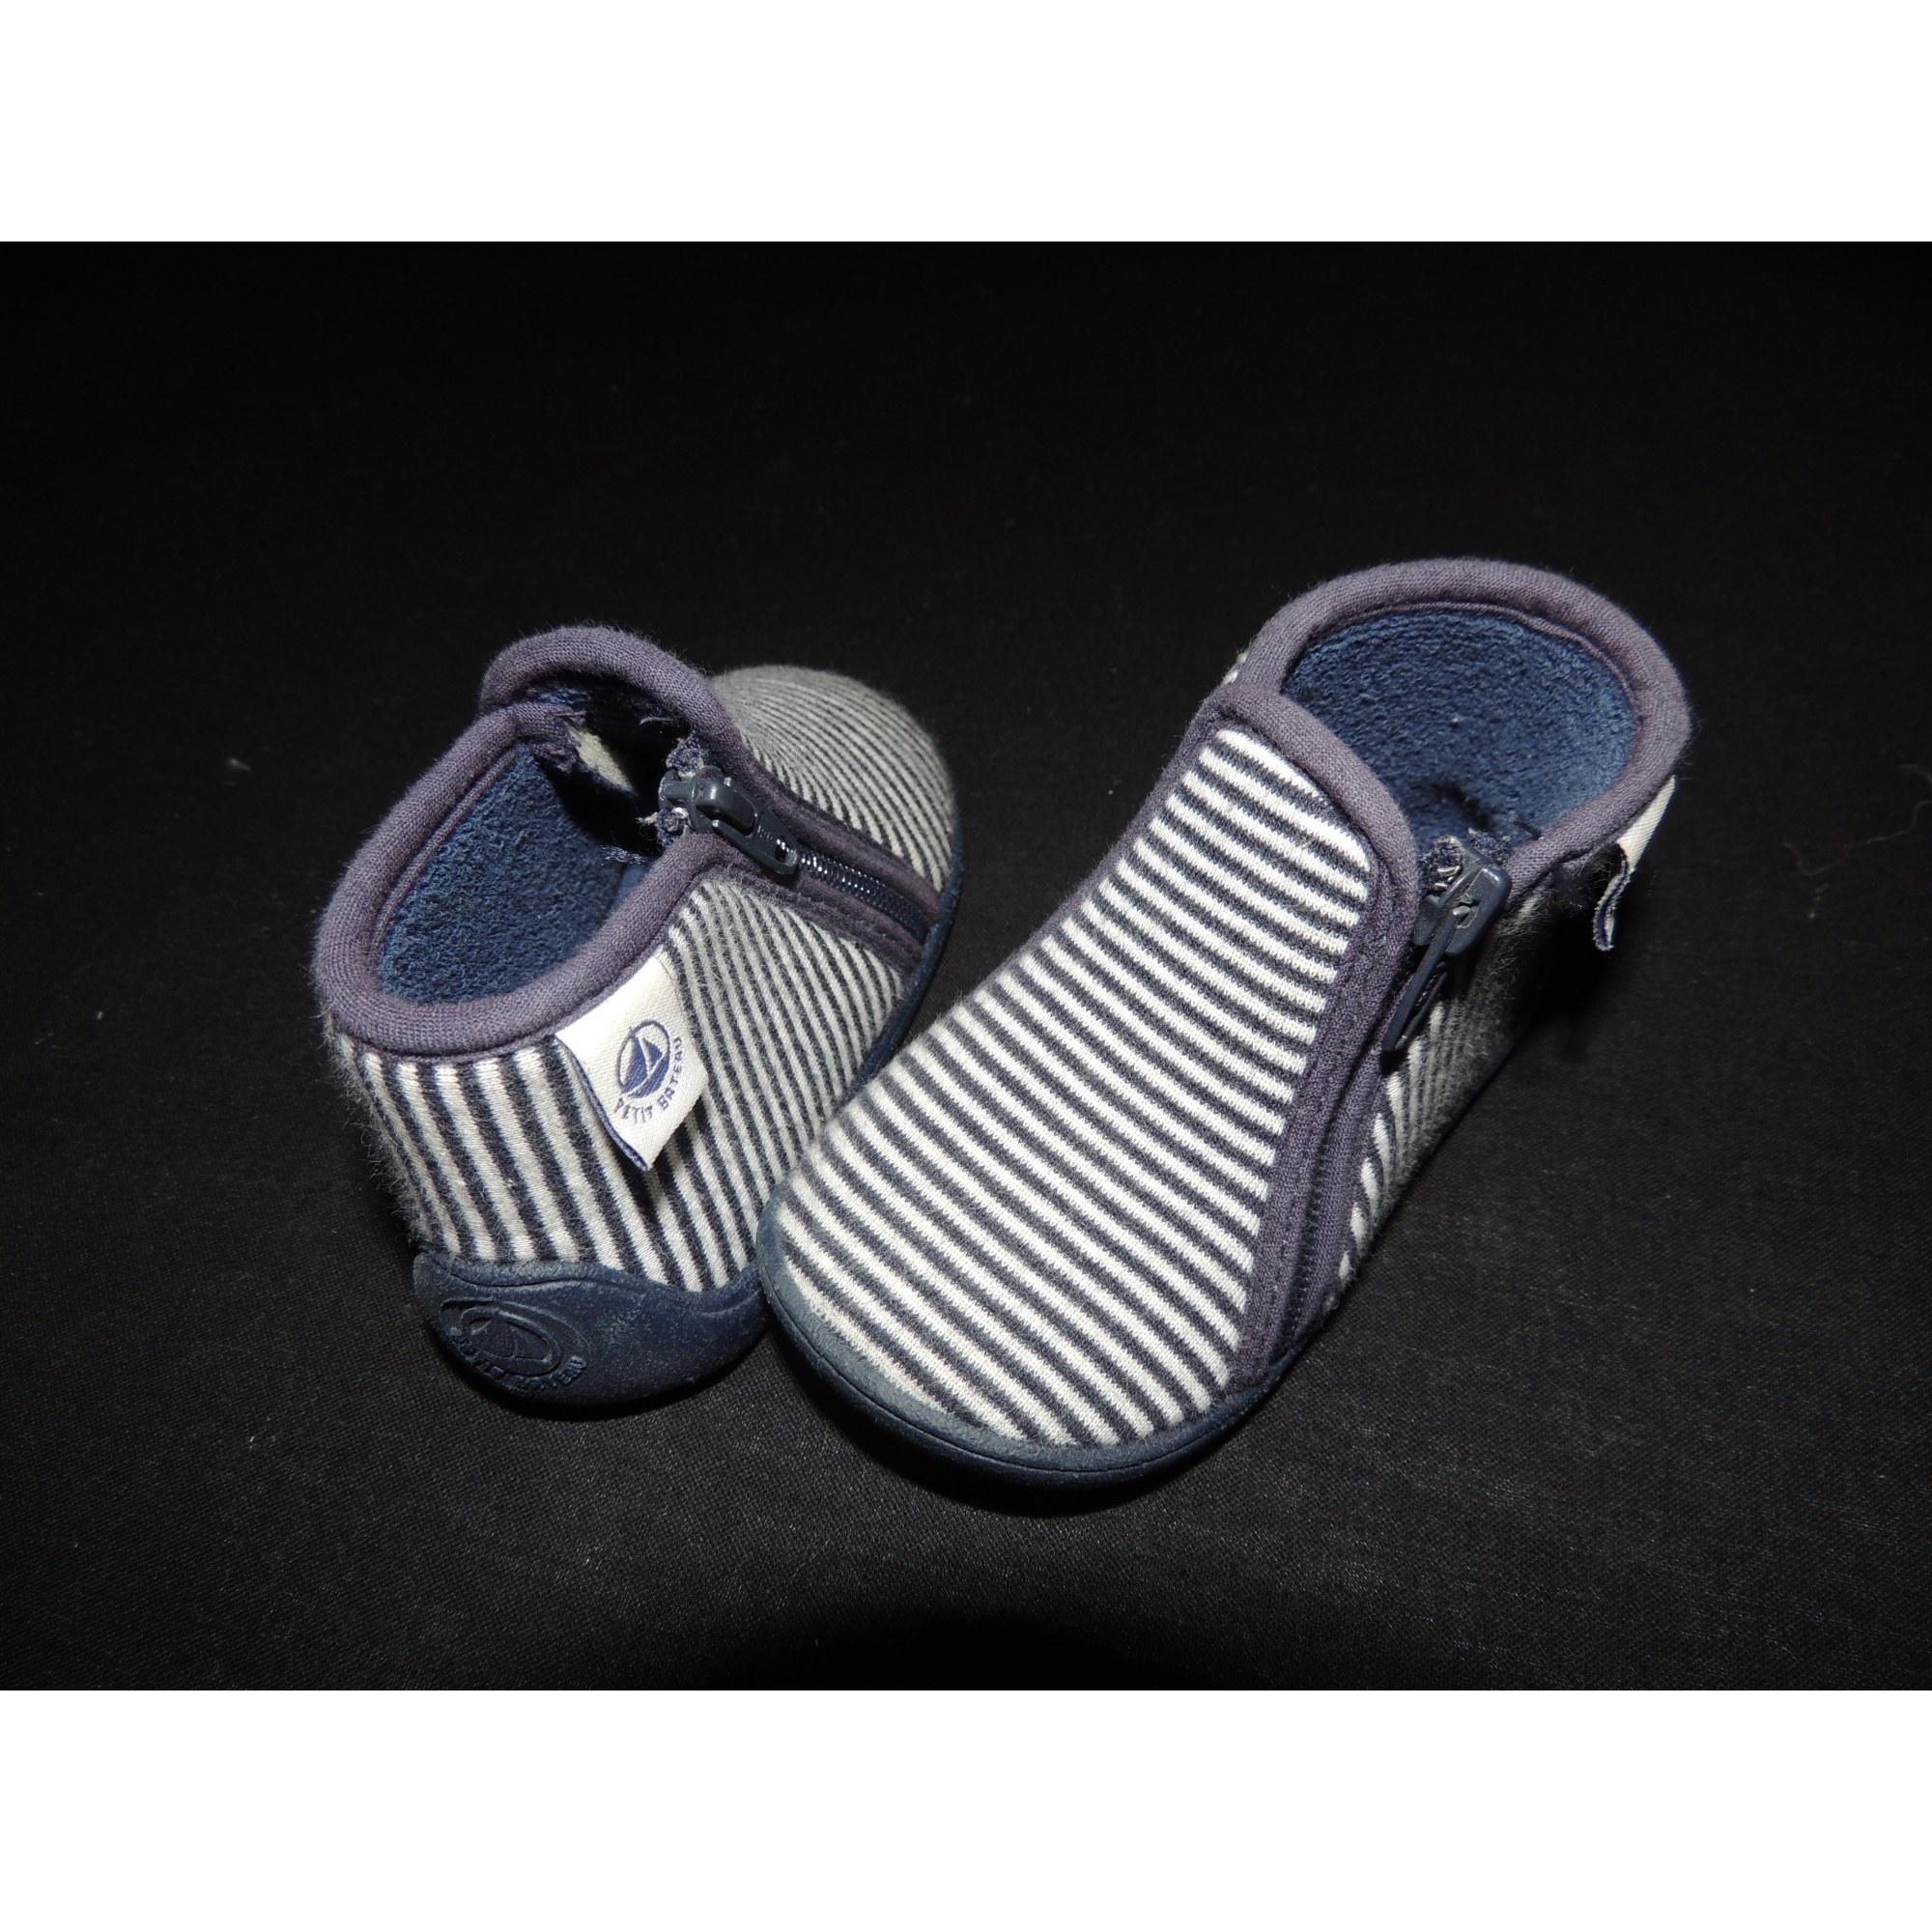 2c40e49a3ce Chaussons   pantoufles PETIT BATEAU 19 bleu vendu par L armoire des ...